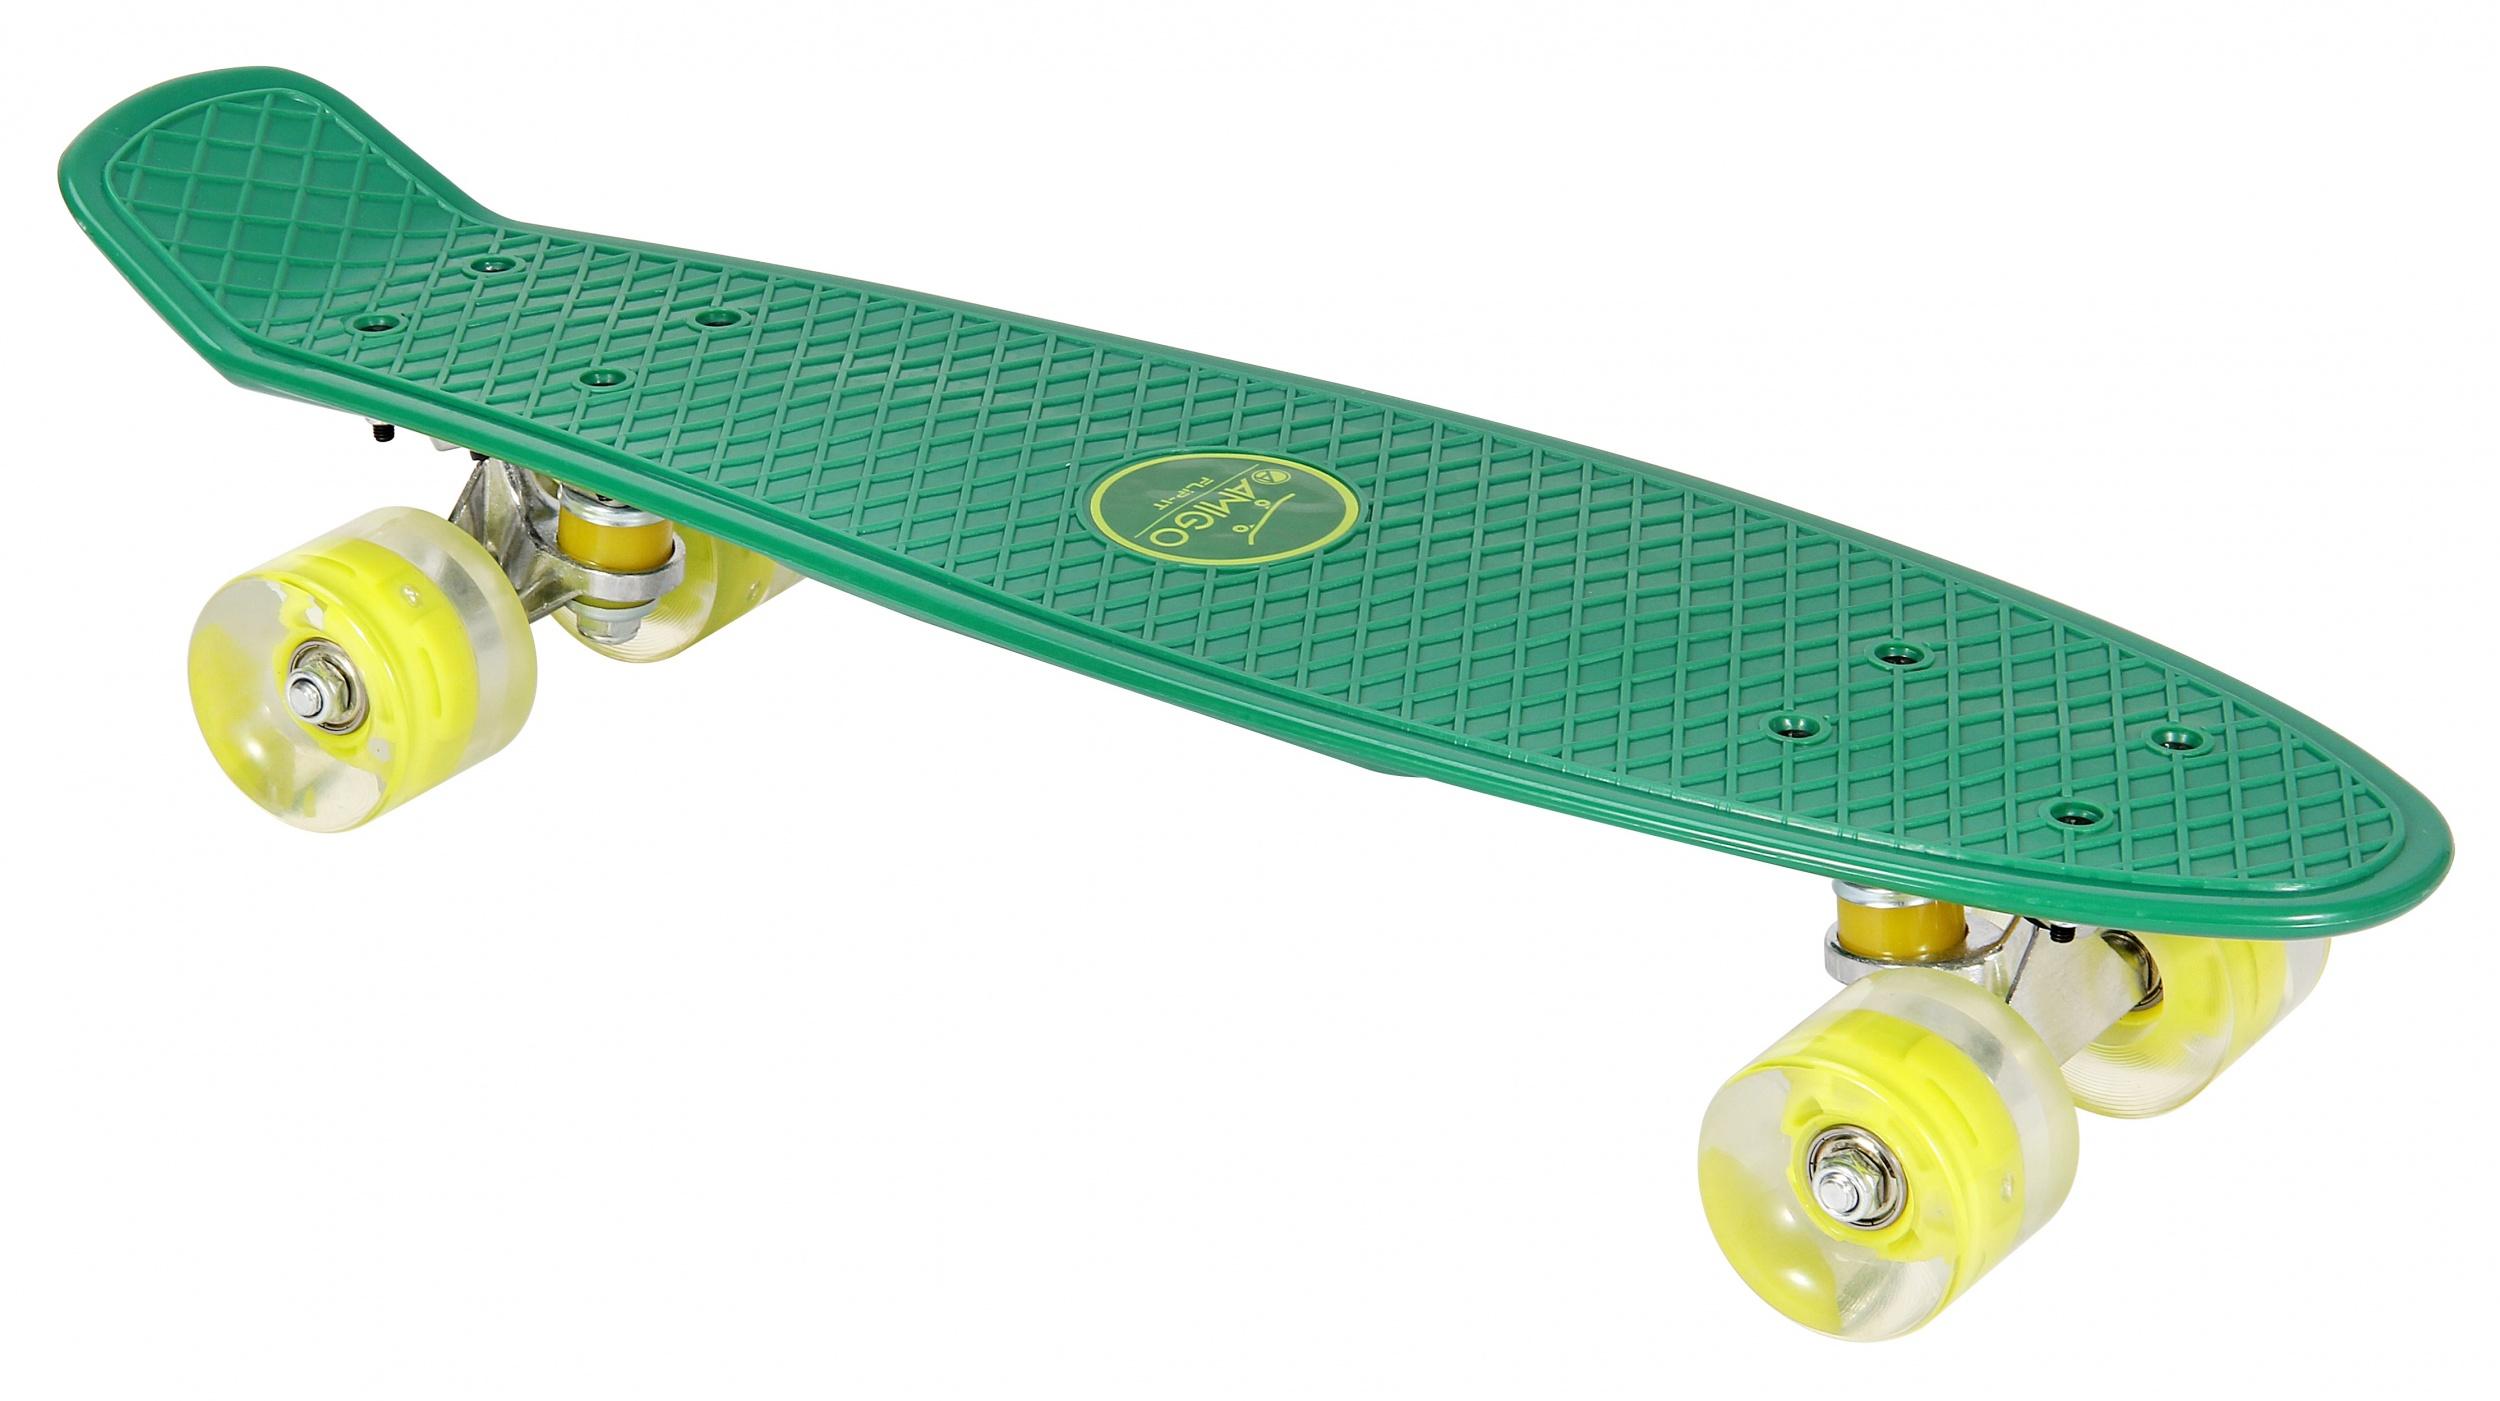 Skateboard met Led-verlichting groen - lime